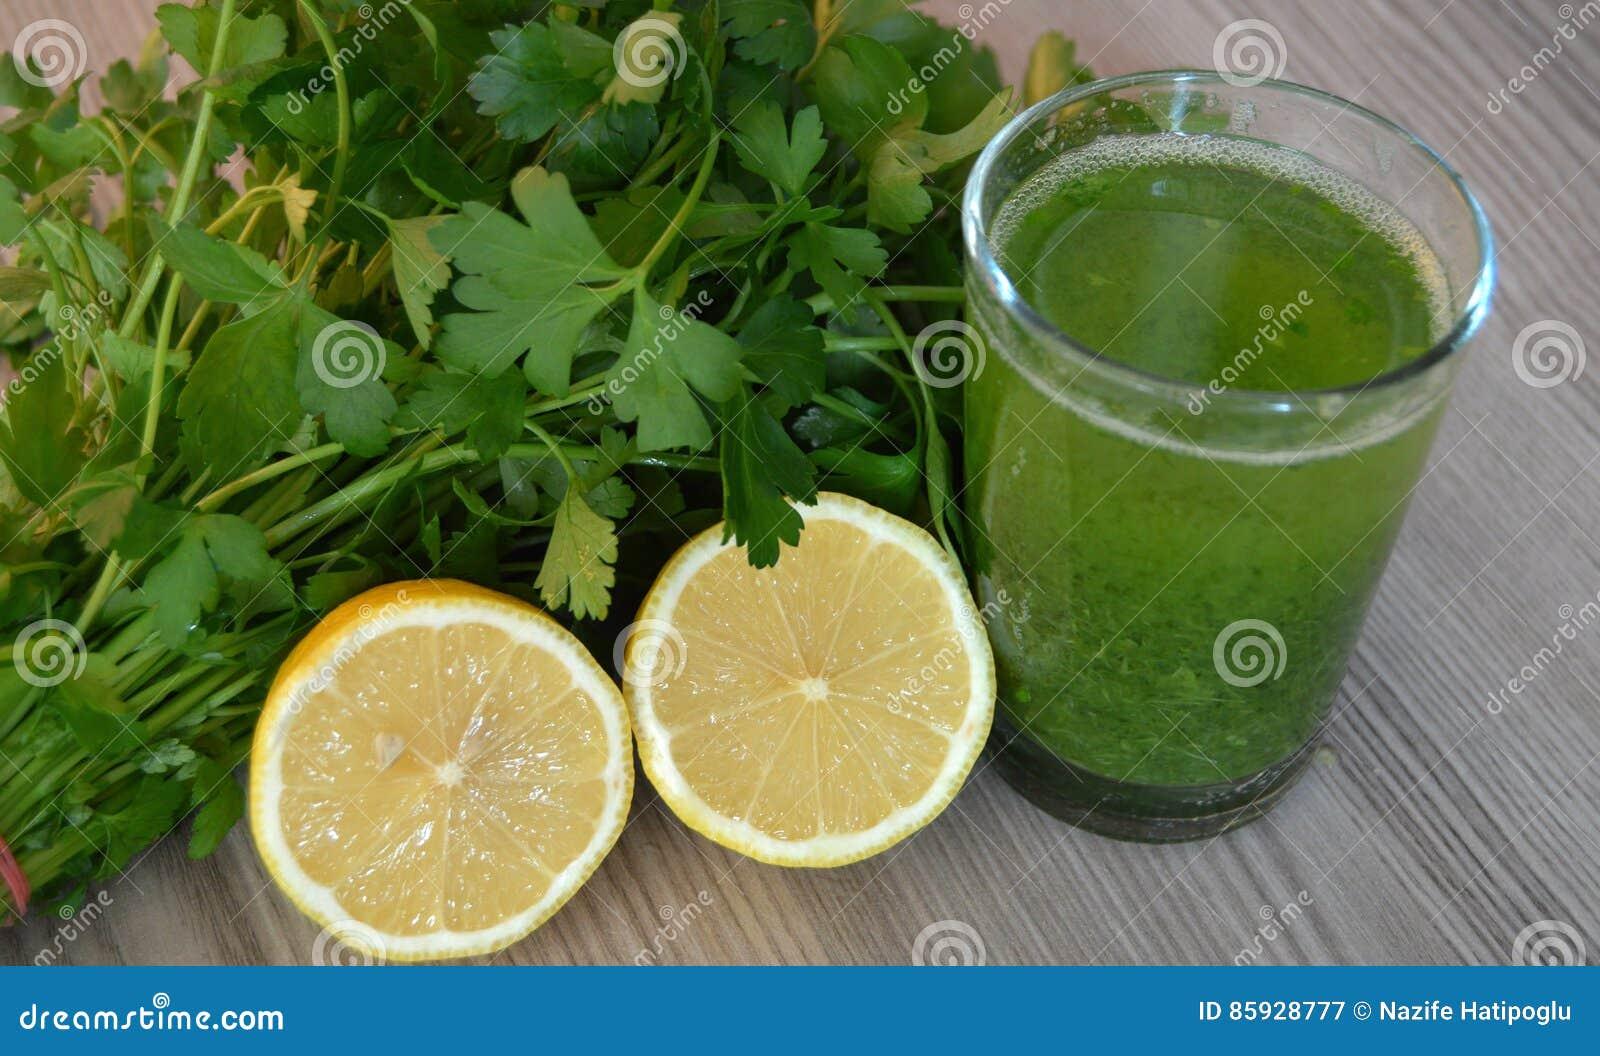 succo di limone per perdere peso